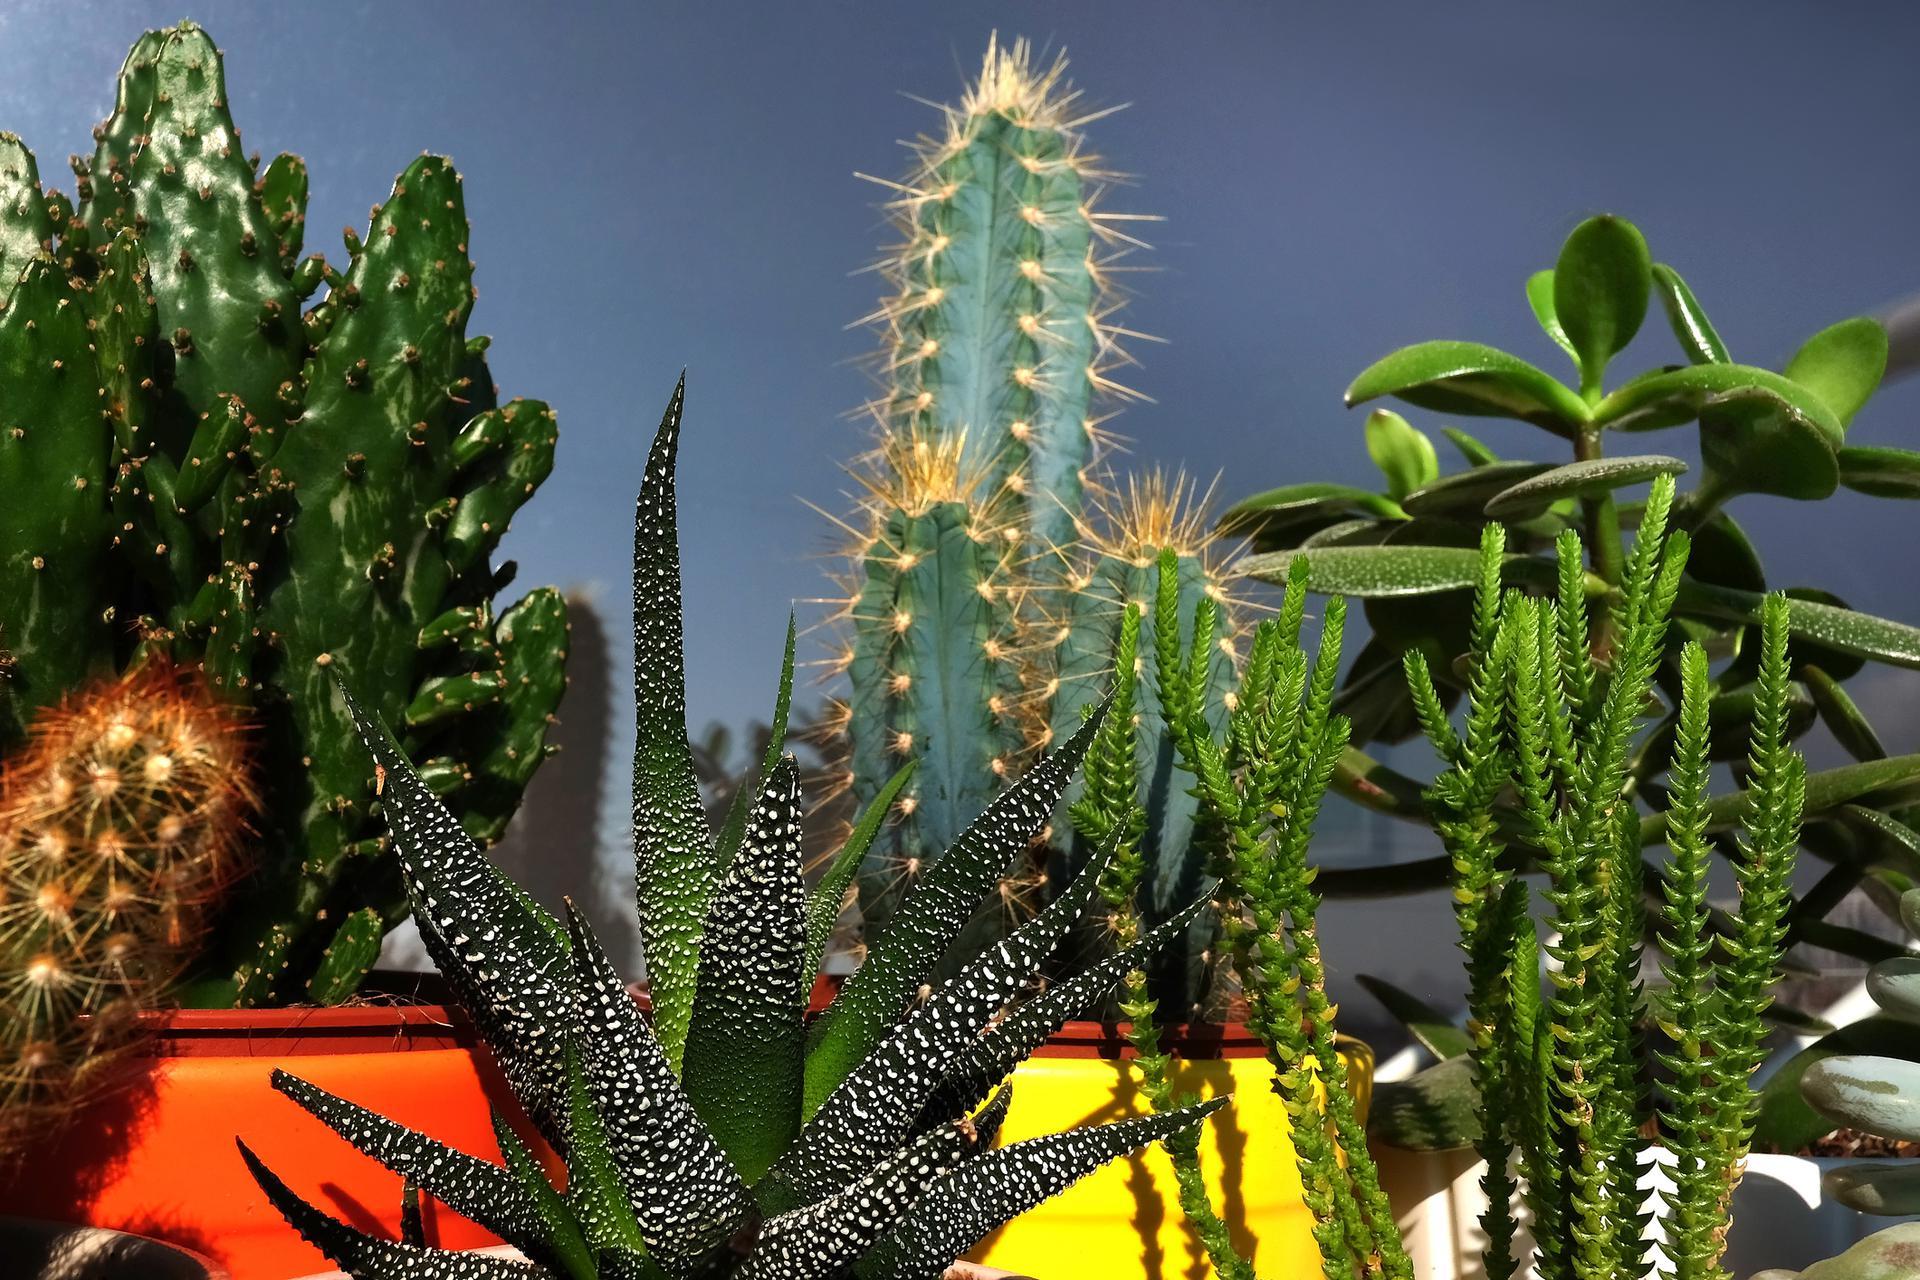 Kaktusy W Domu Jak Pielęgnować Kaktusy Doniczkowe Muratorpl